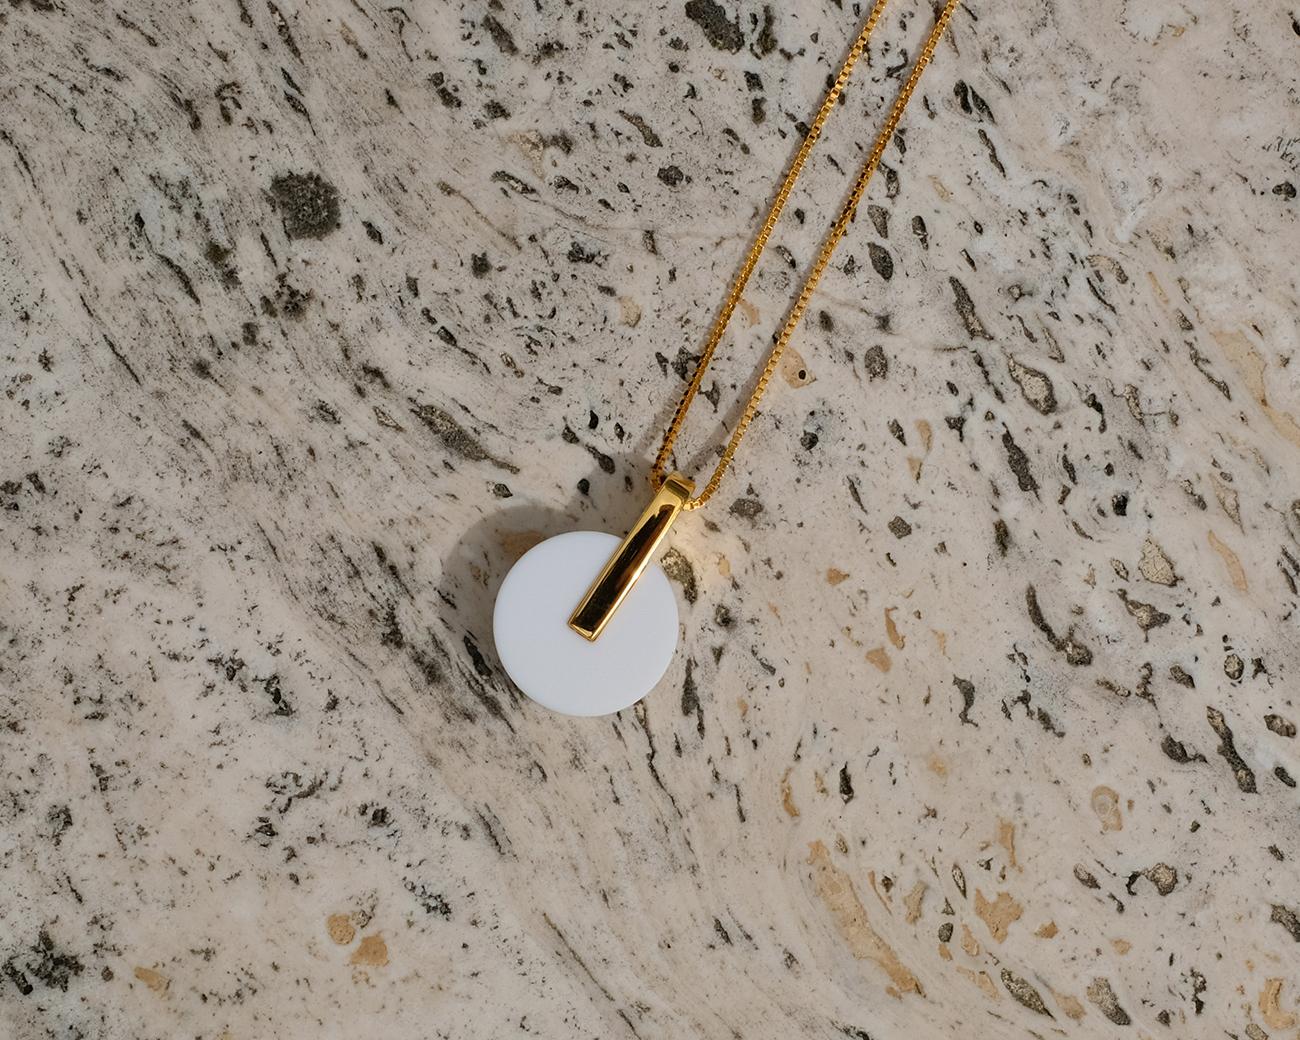 metaformi_design_jewelry_adamantine_necklace_agate_thmb